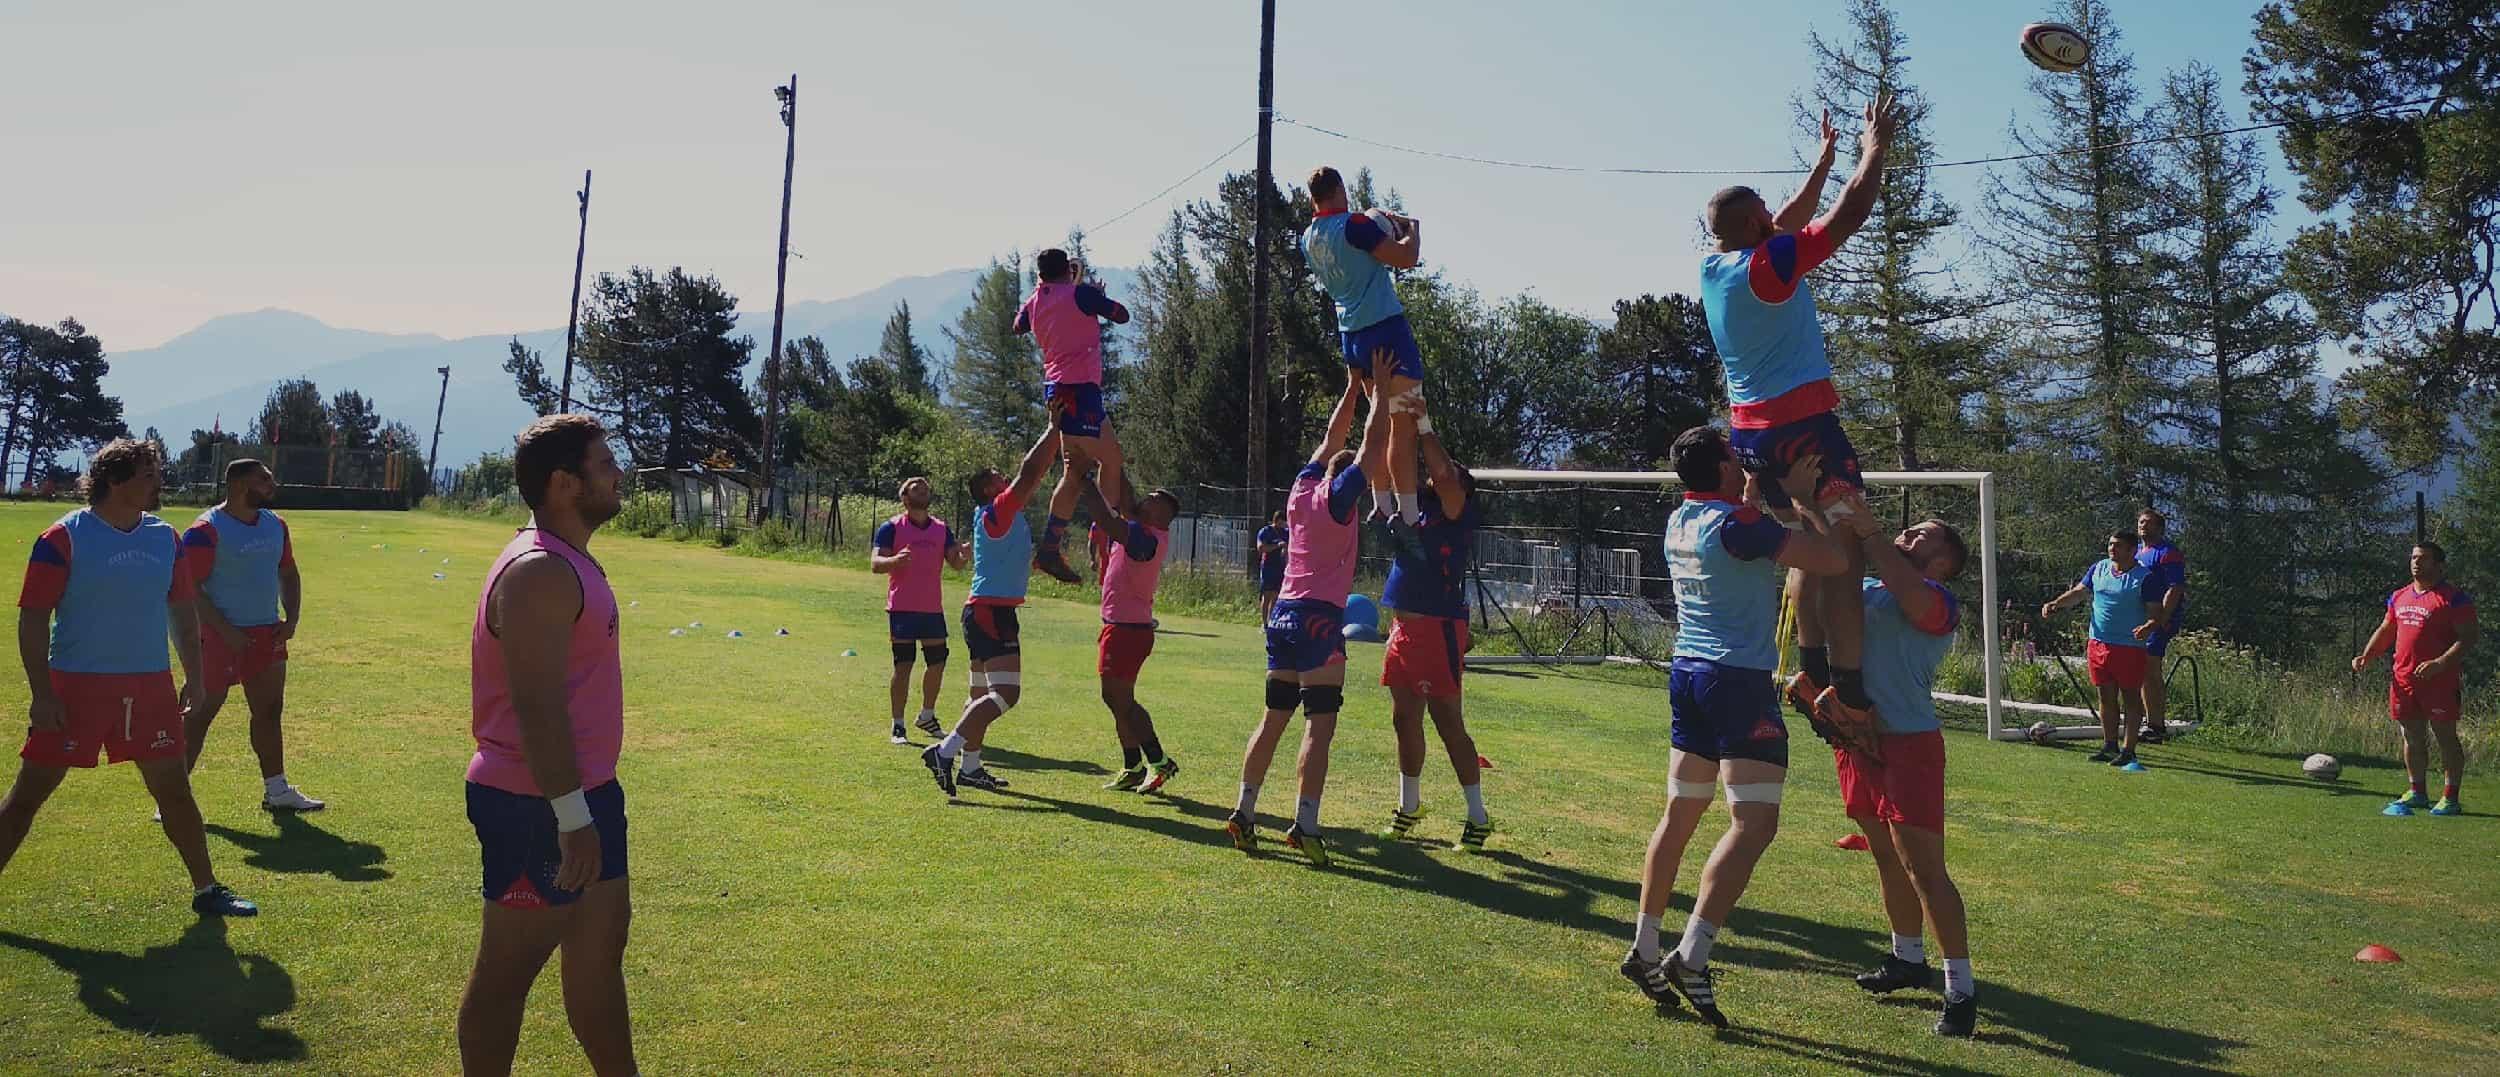 Organisation de stages sportifs dans les PO, séminaires d'entreprises, évènementiel sportif, séjours en montagne